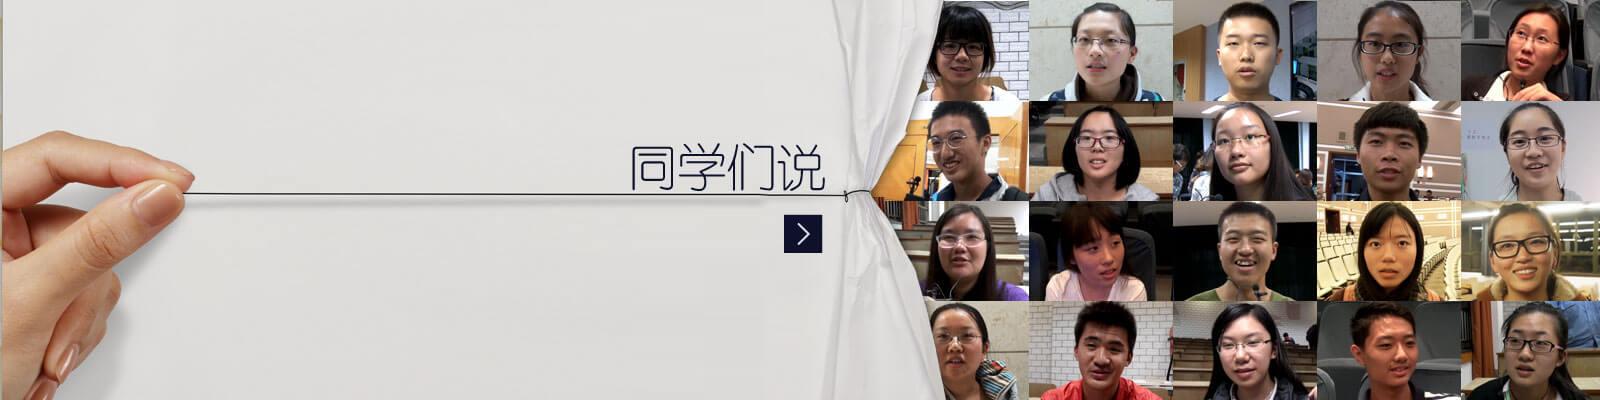 智慧树在线教育_最值得信赖的中国mooc式在线互动学堂